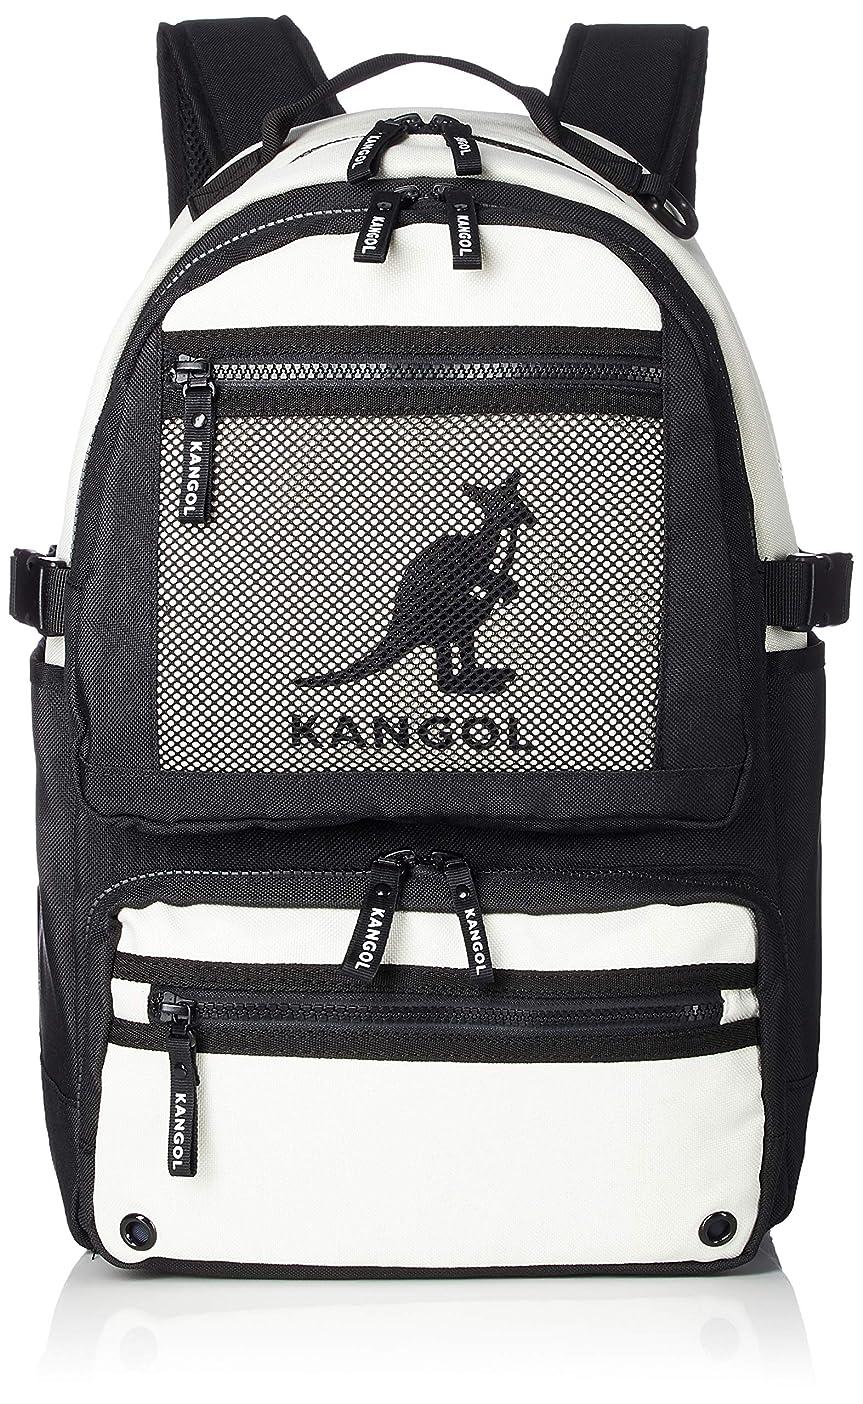 思い出全体にインシュレータ[カンゴール] リュック KANGOLロゴプリント メッシュポケット 軽量 多機能 ポケット多数 PC収納